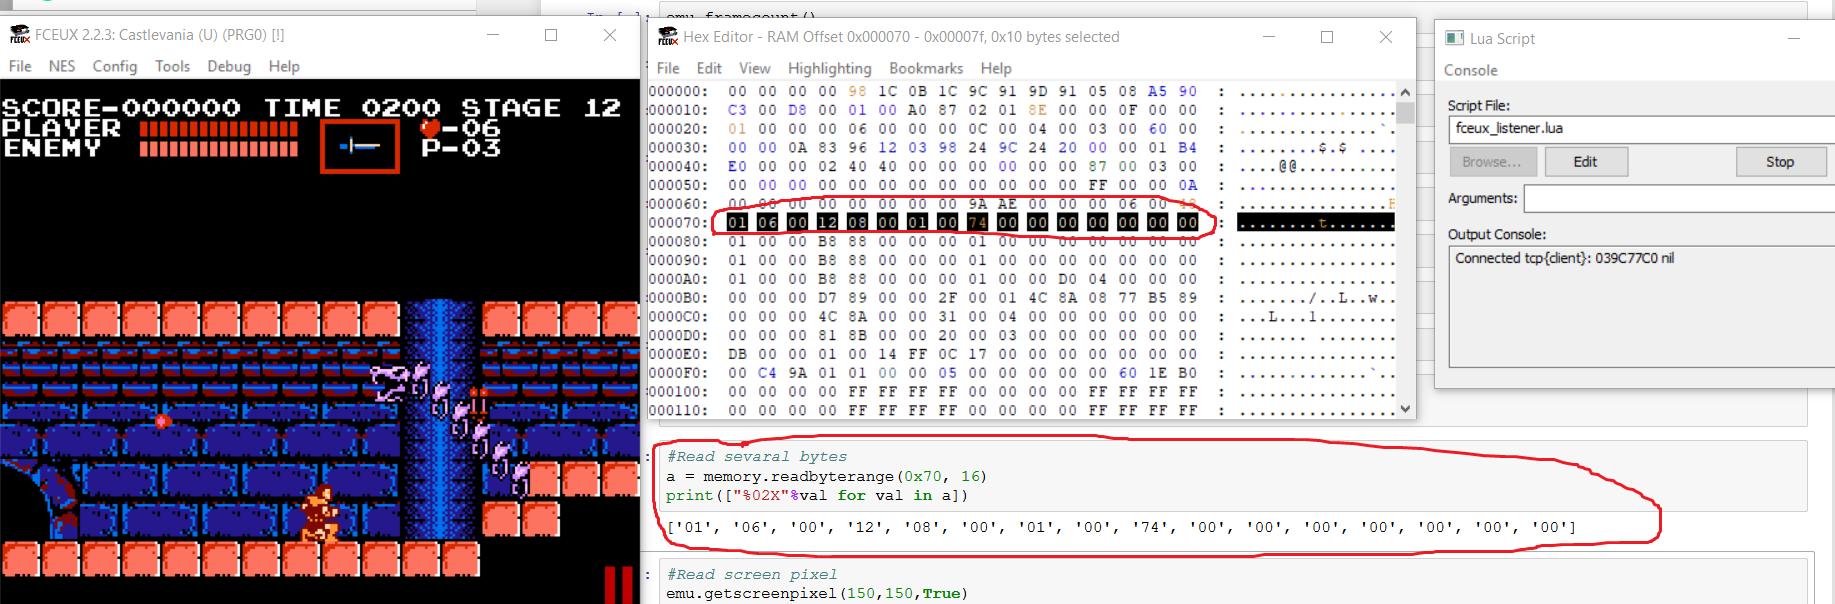 Удалённое управление эмулятором Fceux с помощью Python - 4